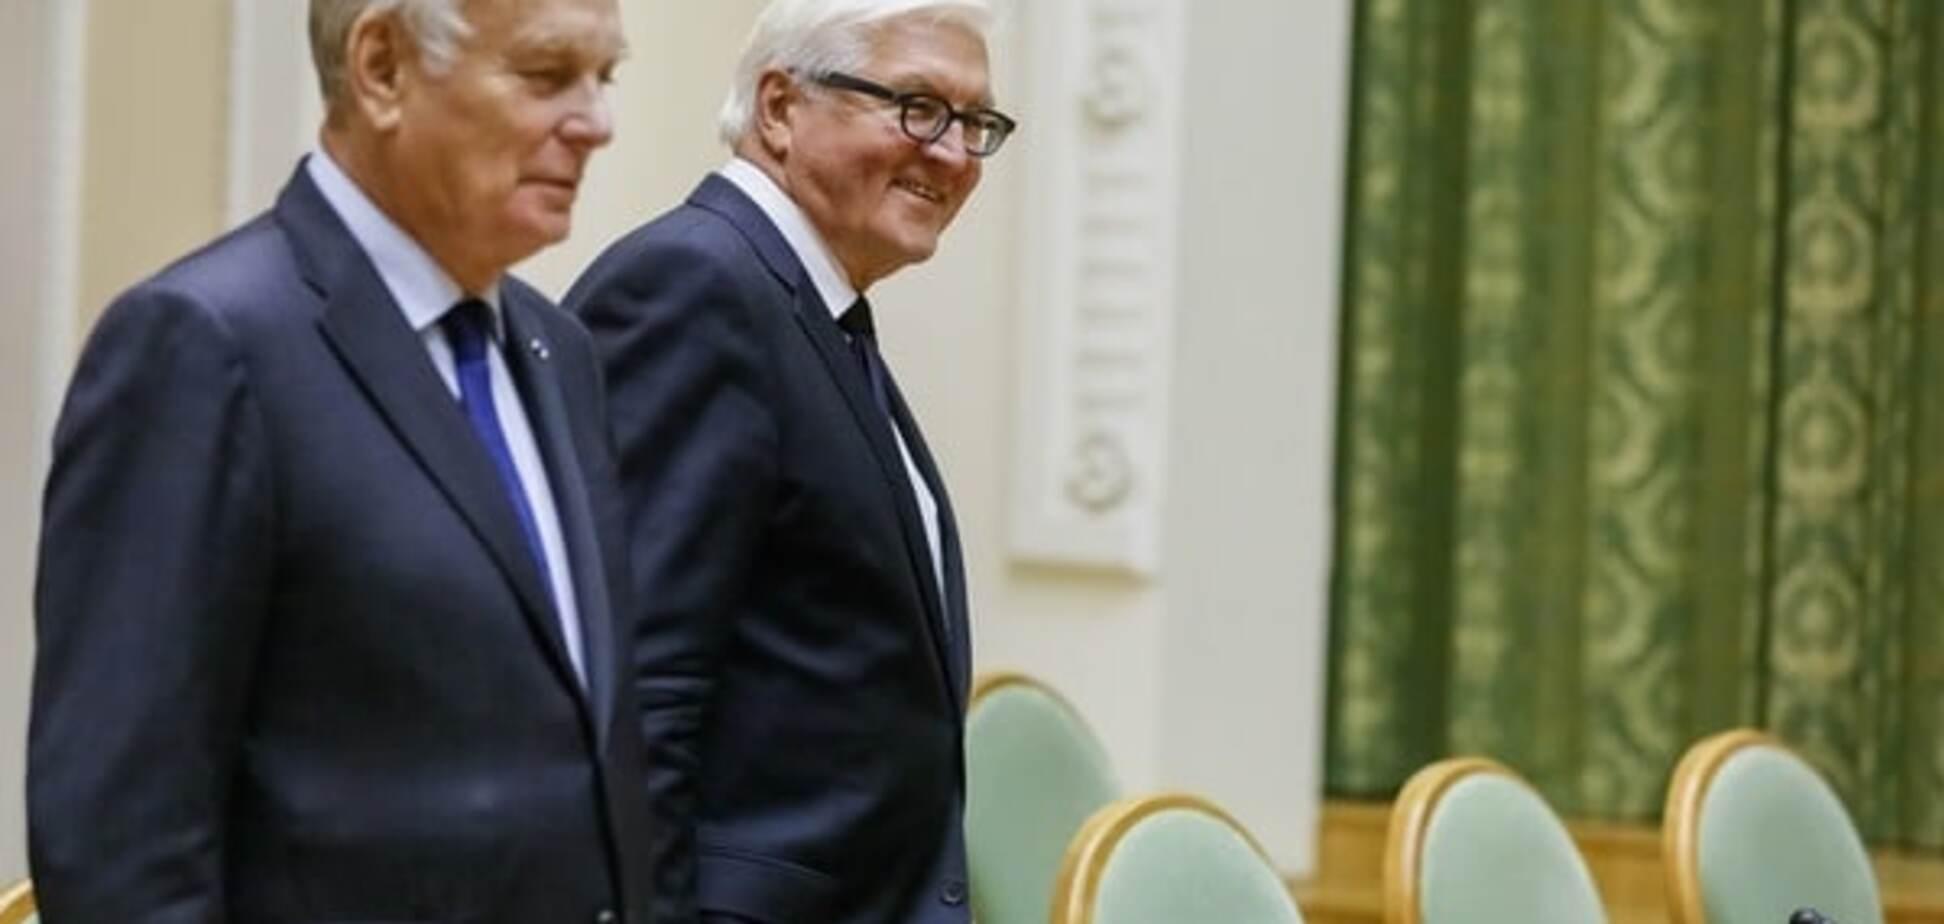 Київ сам винен: у 'Самопомочі' пояснили, чому Захід посилив тиск на Україну